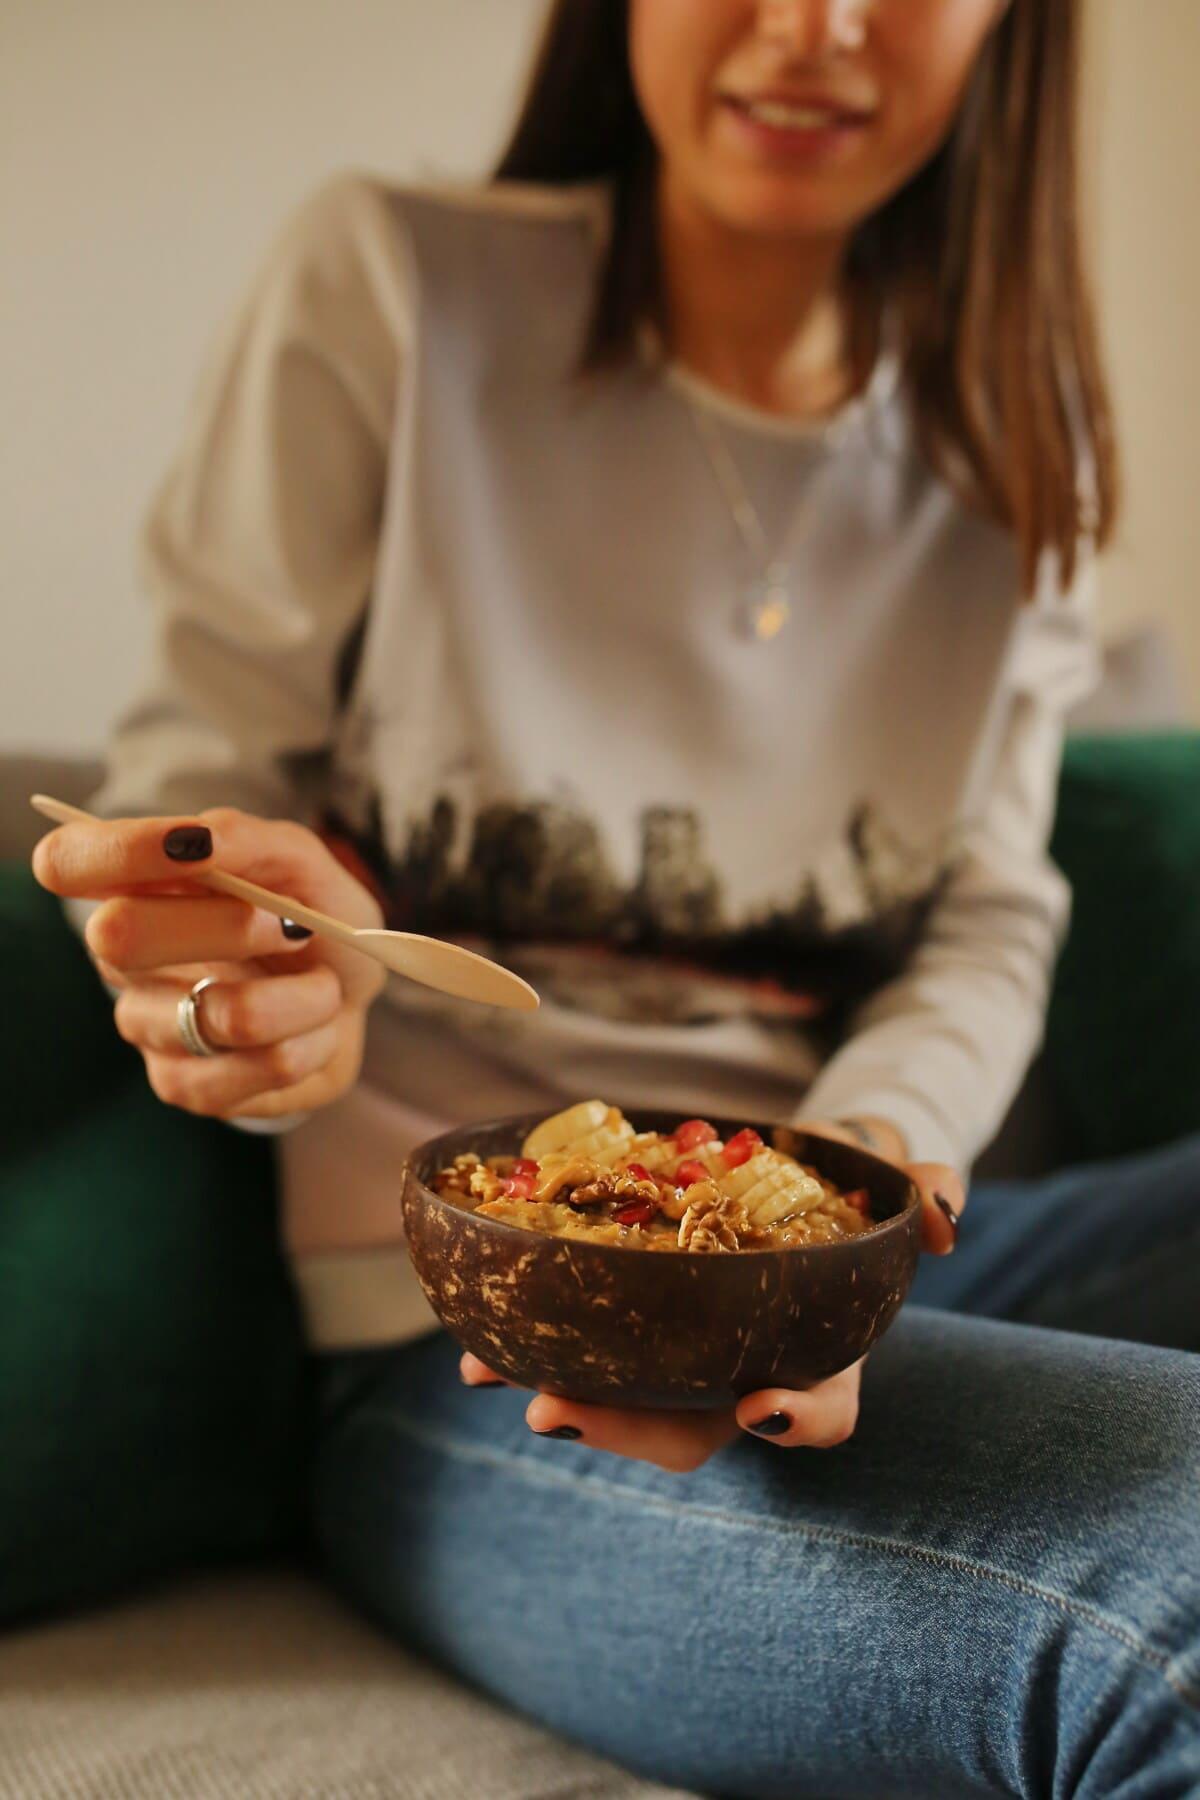 Getreide, Frühstück, junge Frau, Frau, drinnen, Menschen, Essen, verwischen, Geschirr, Kochen